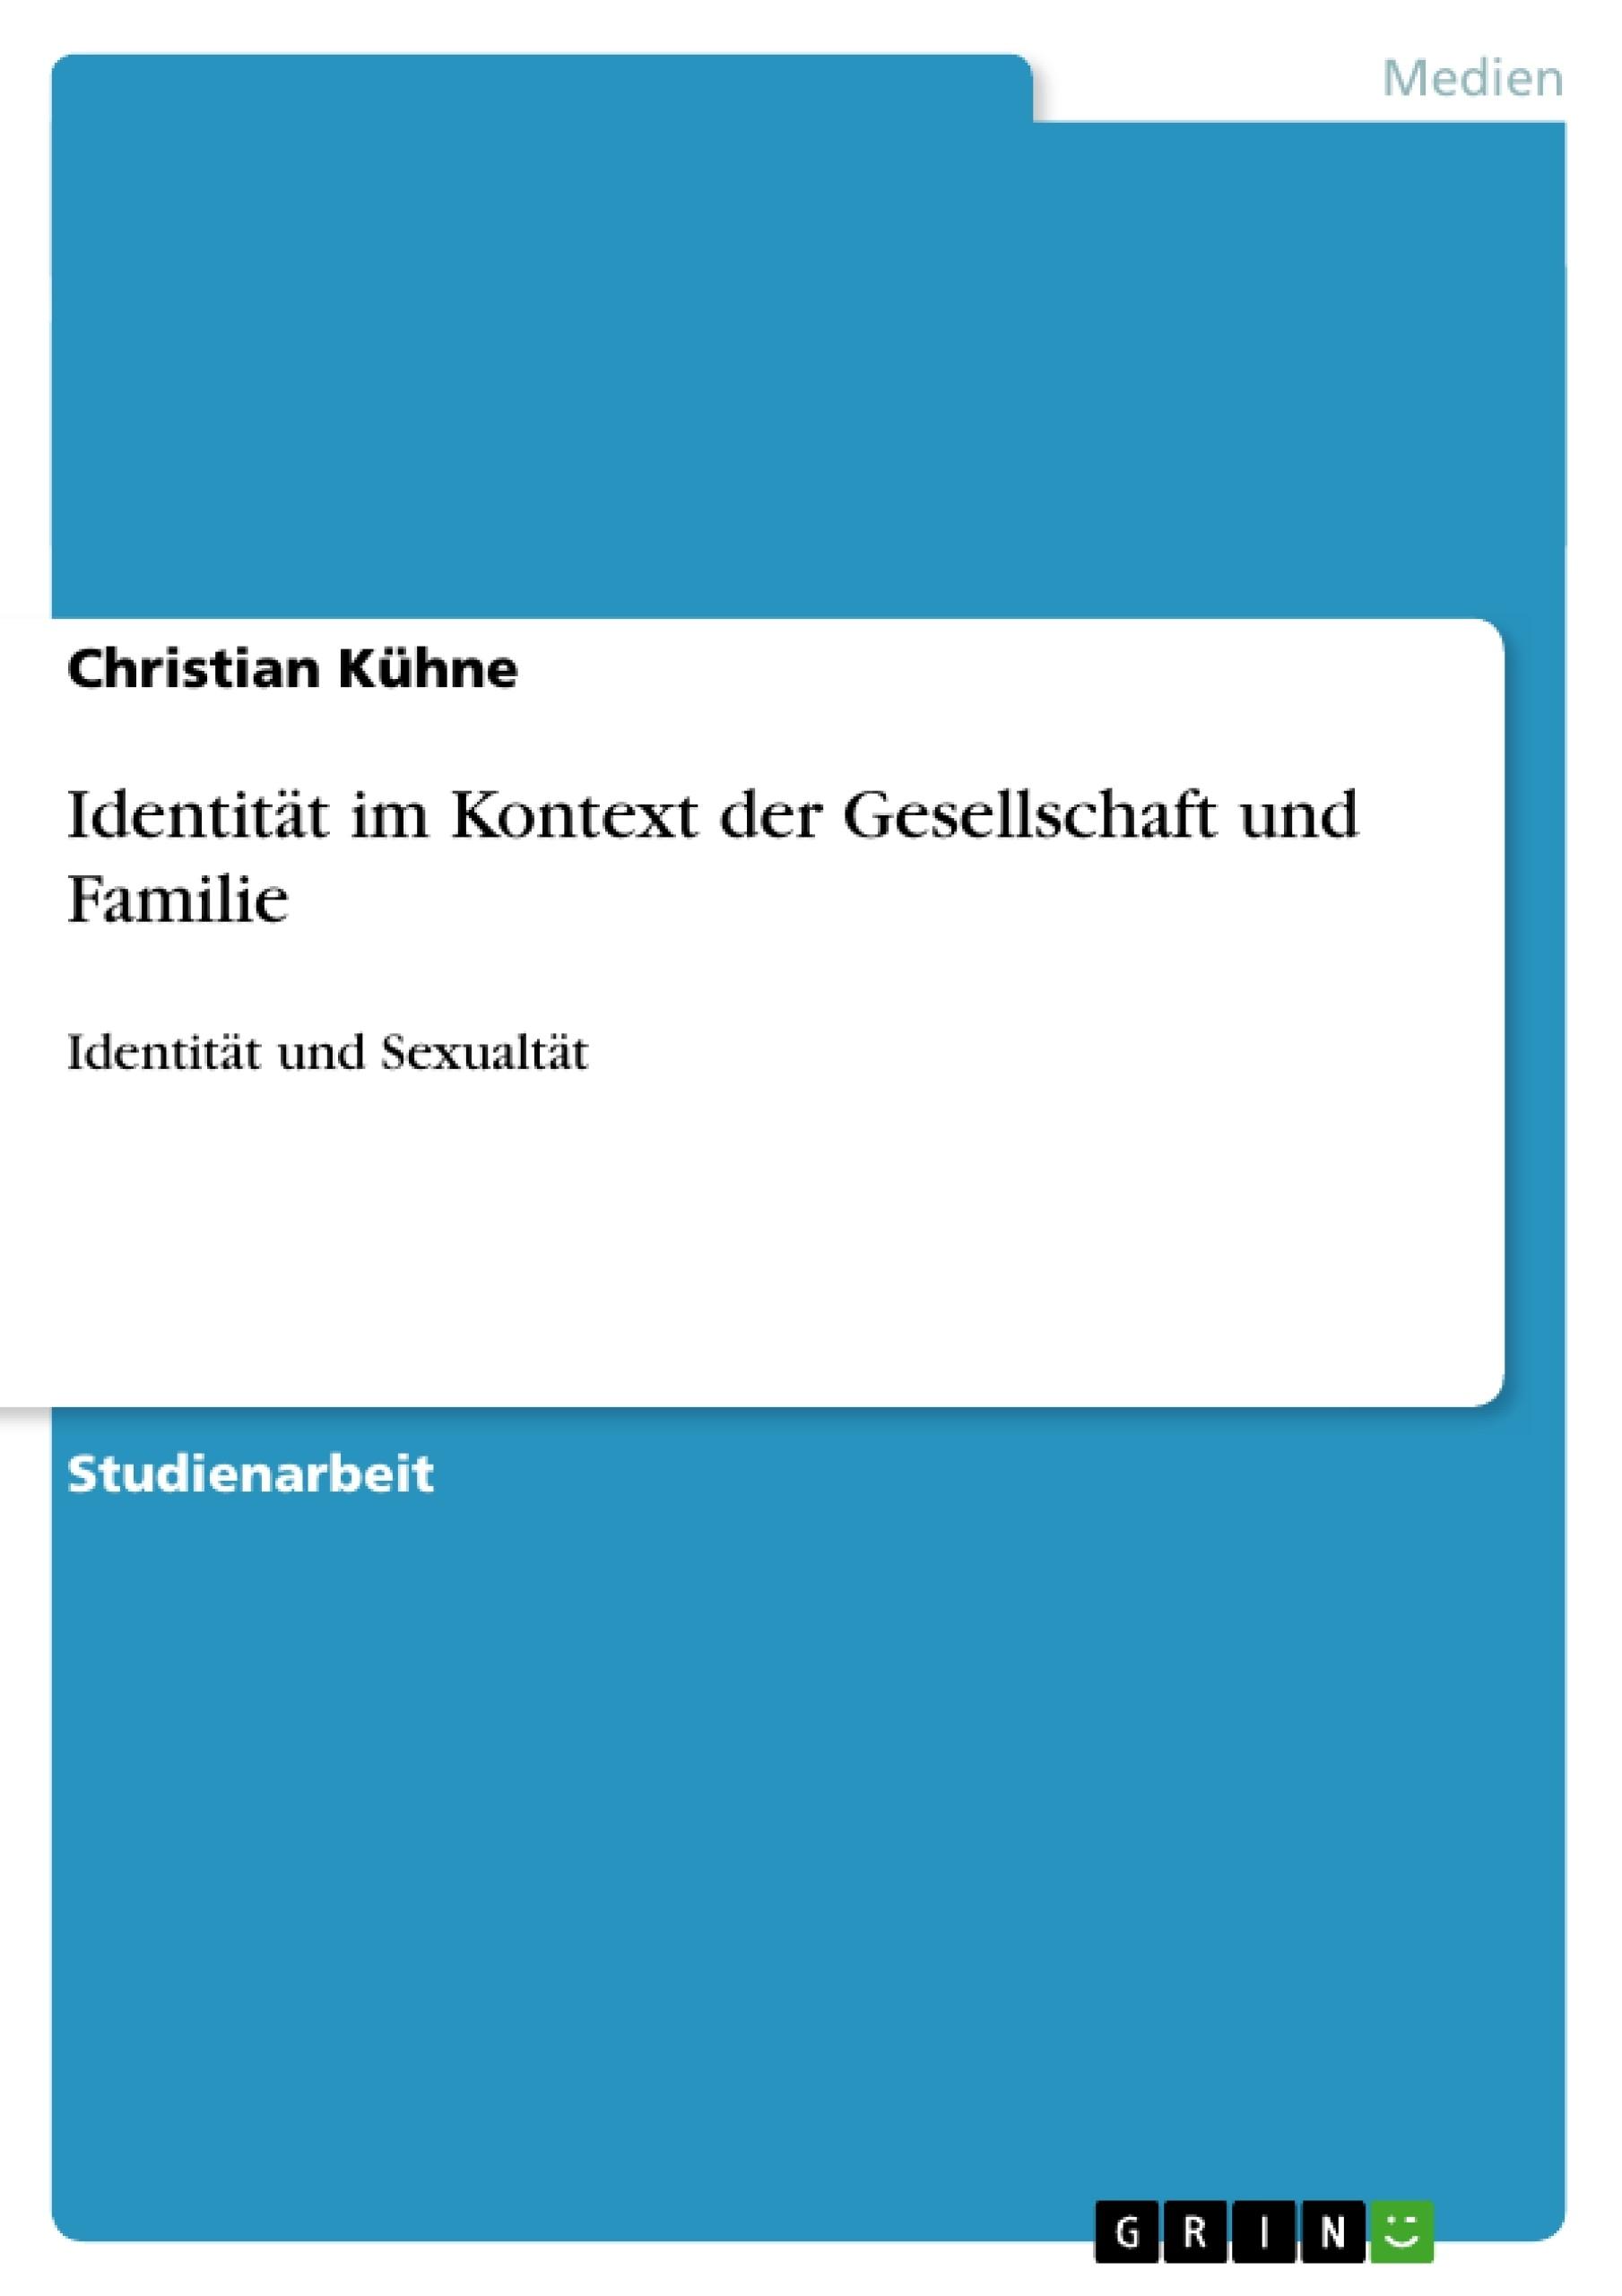 Titel: Identität im Kontext der Gesellschaft und Familie